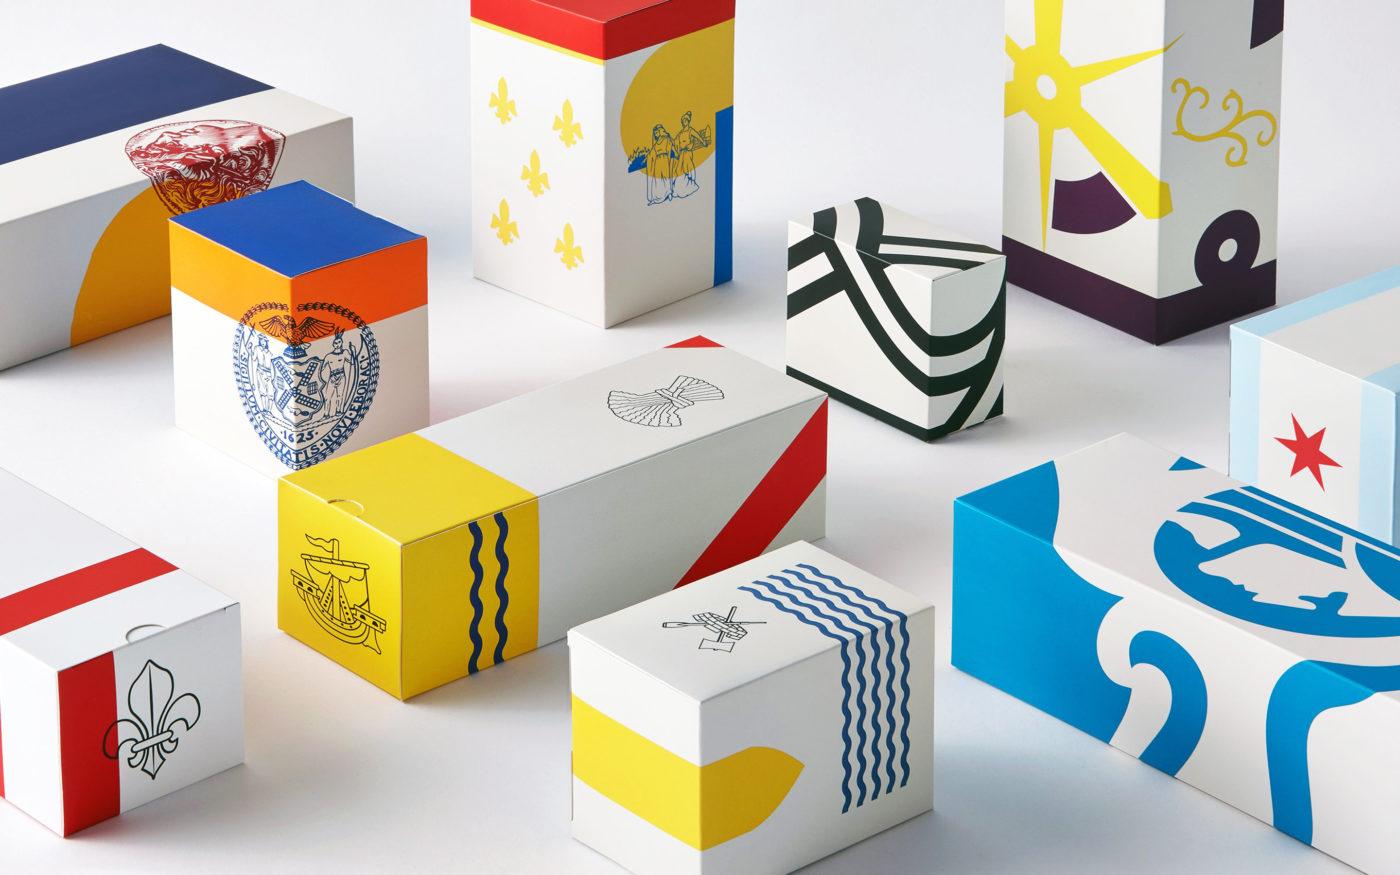 Tại sao thiết kế bao bì là một yếu tố quyết định đến thành công cho sản phẩm